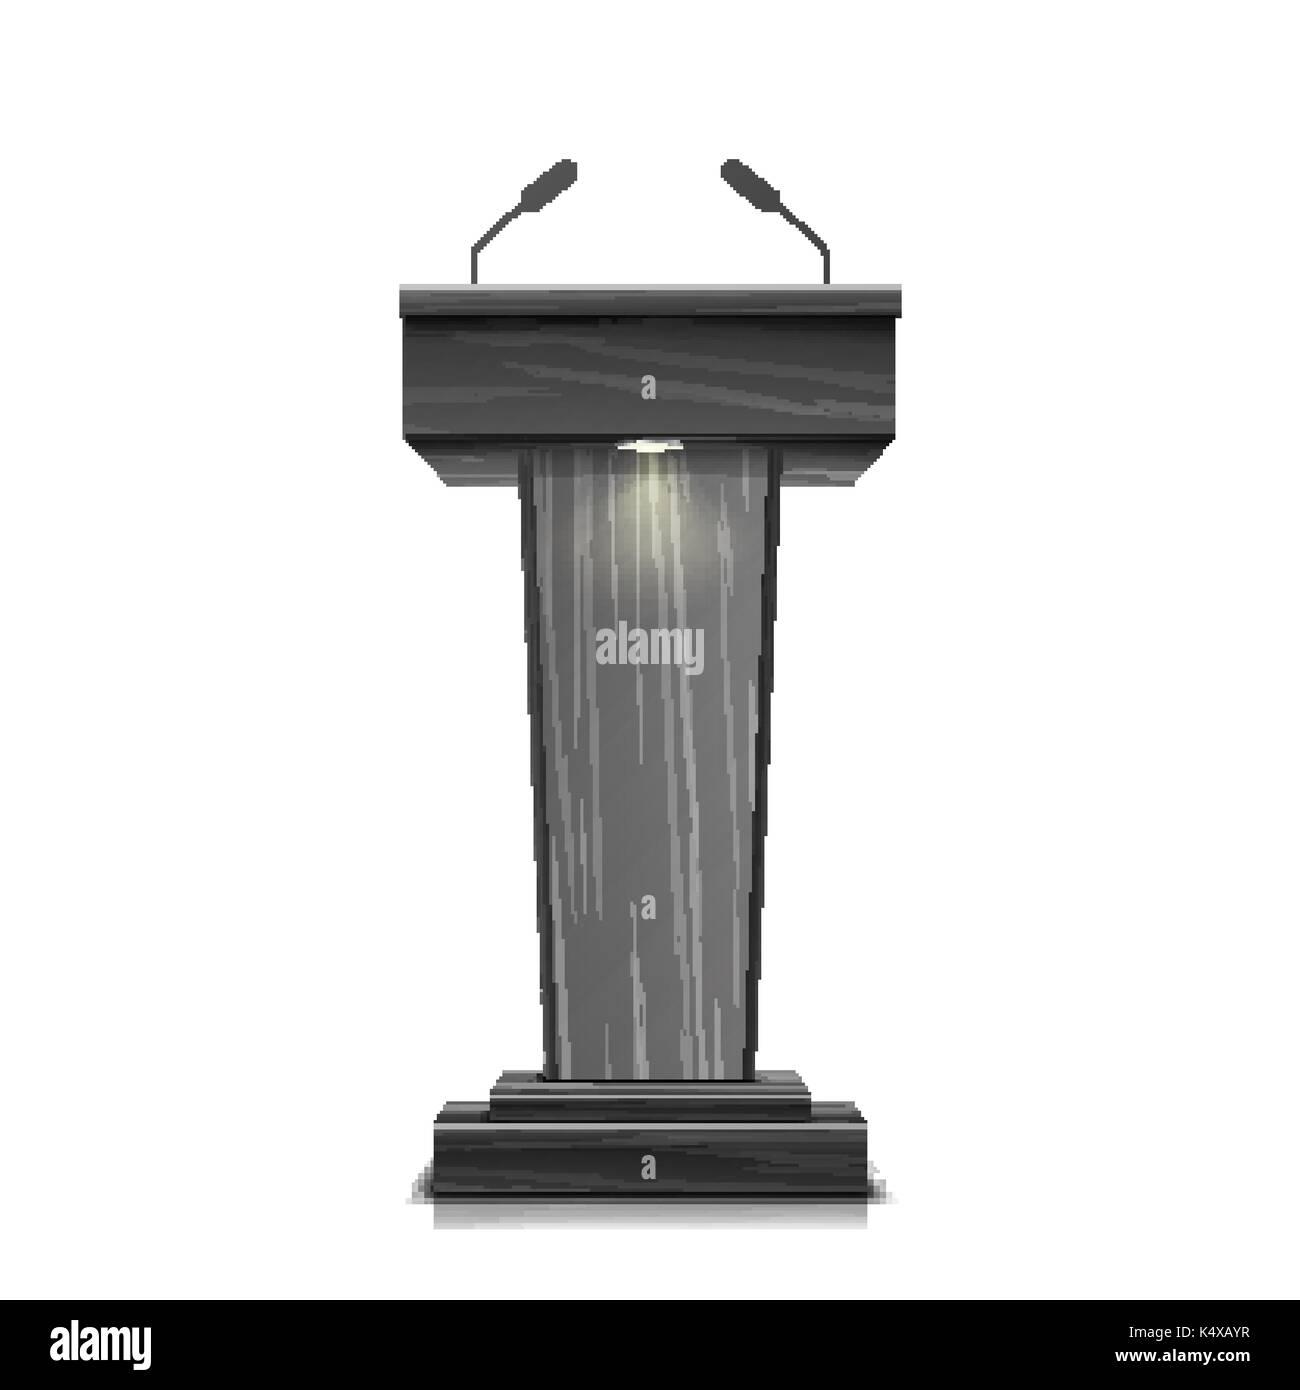 Speaker Podium Tribune Rostrum Stand Stock Photos